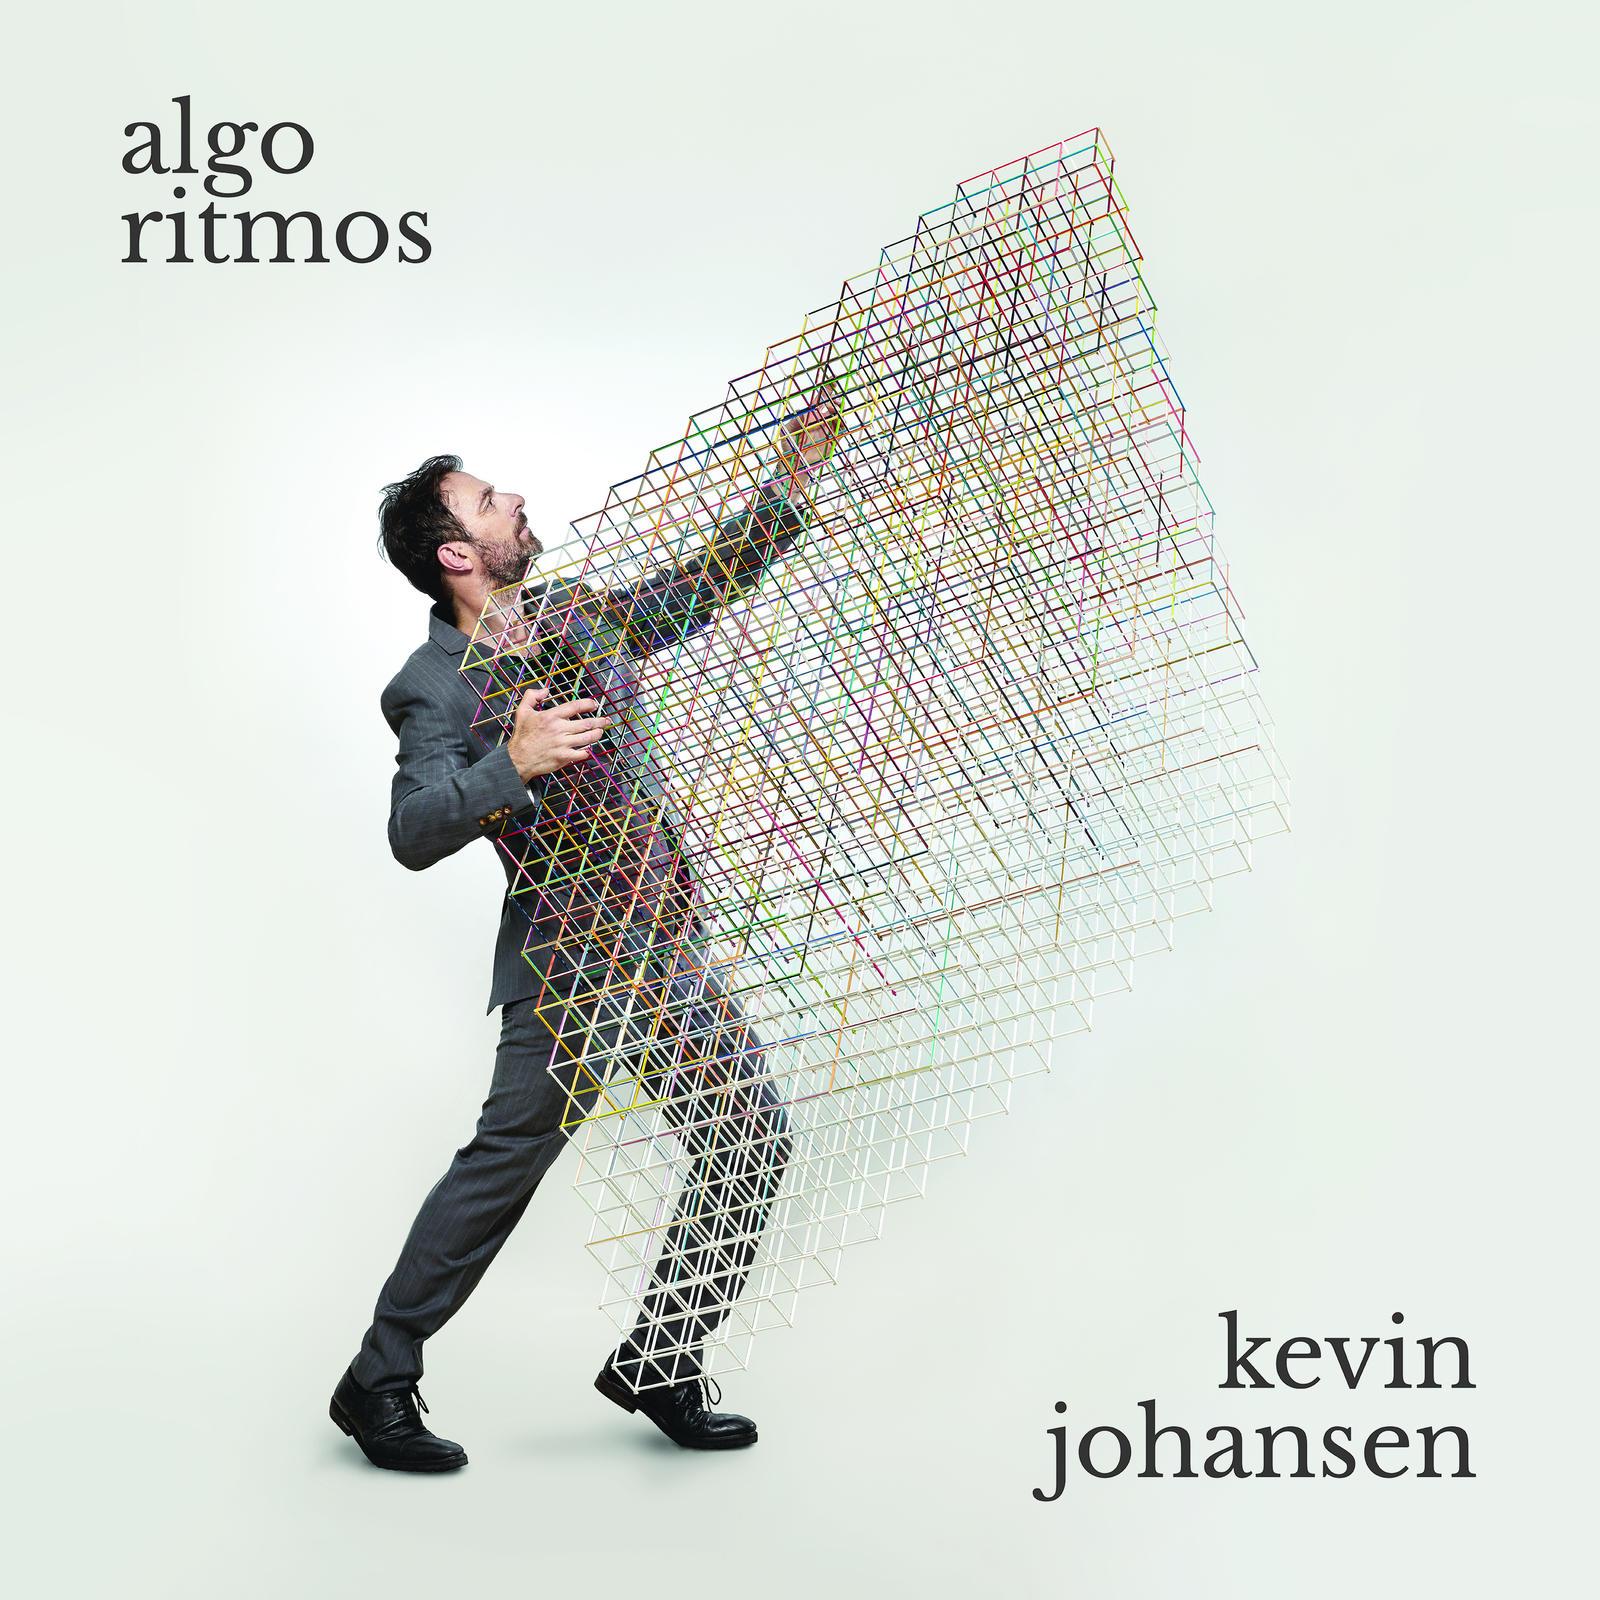 «Algo ritmos», Kevin Johansen